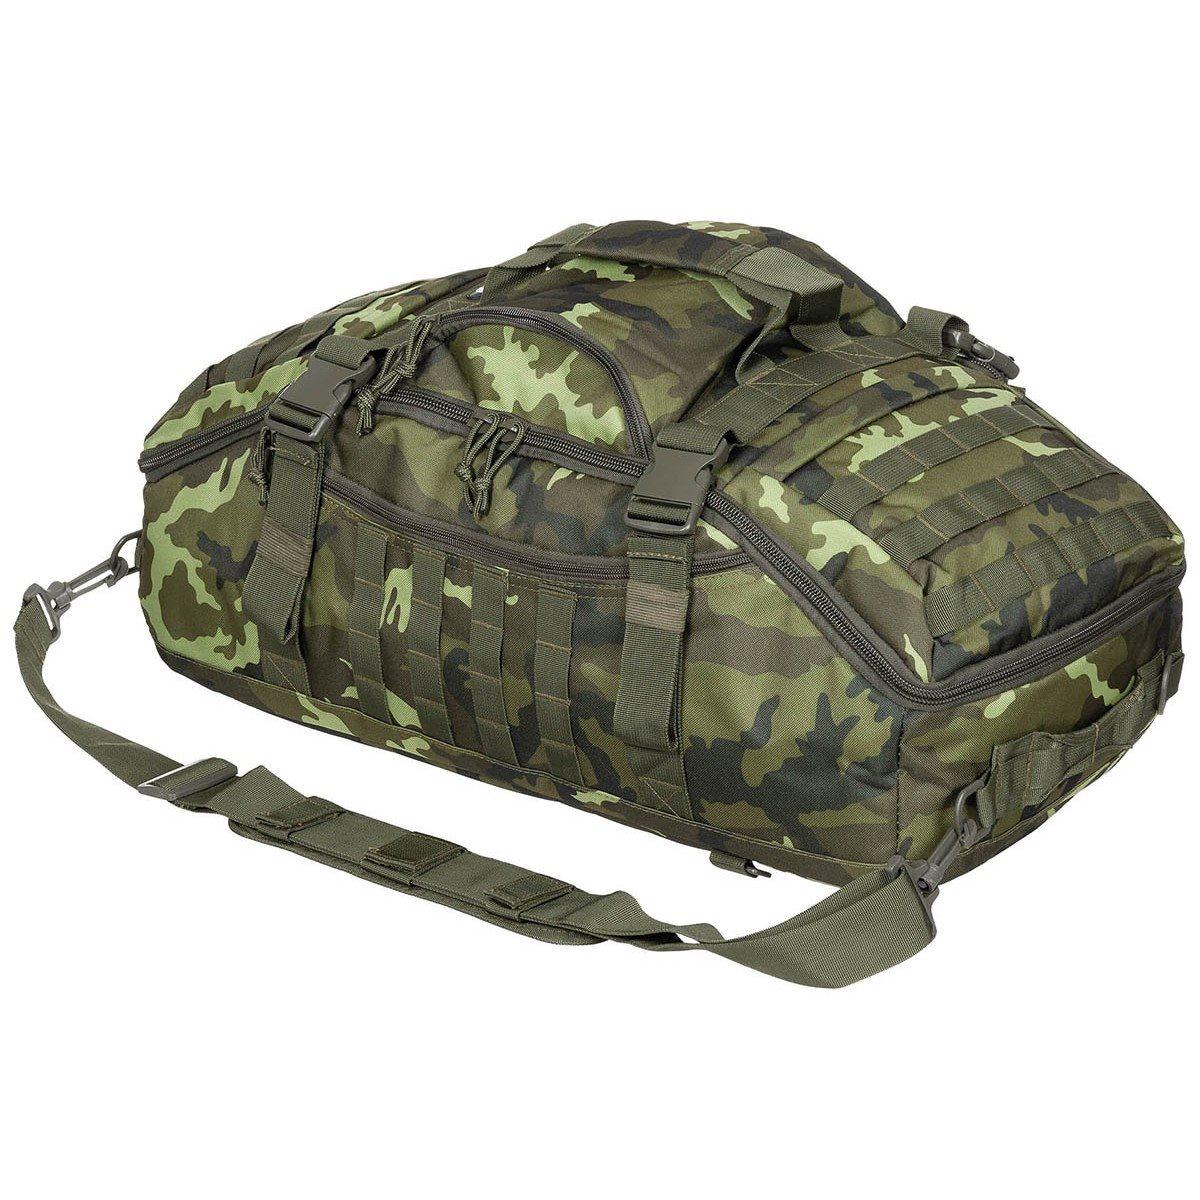 Taška kombinovaná s batohem TRAVEL MOLLE vz.95 les - zvìtšit obrázek